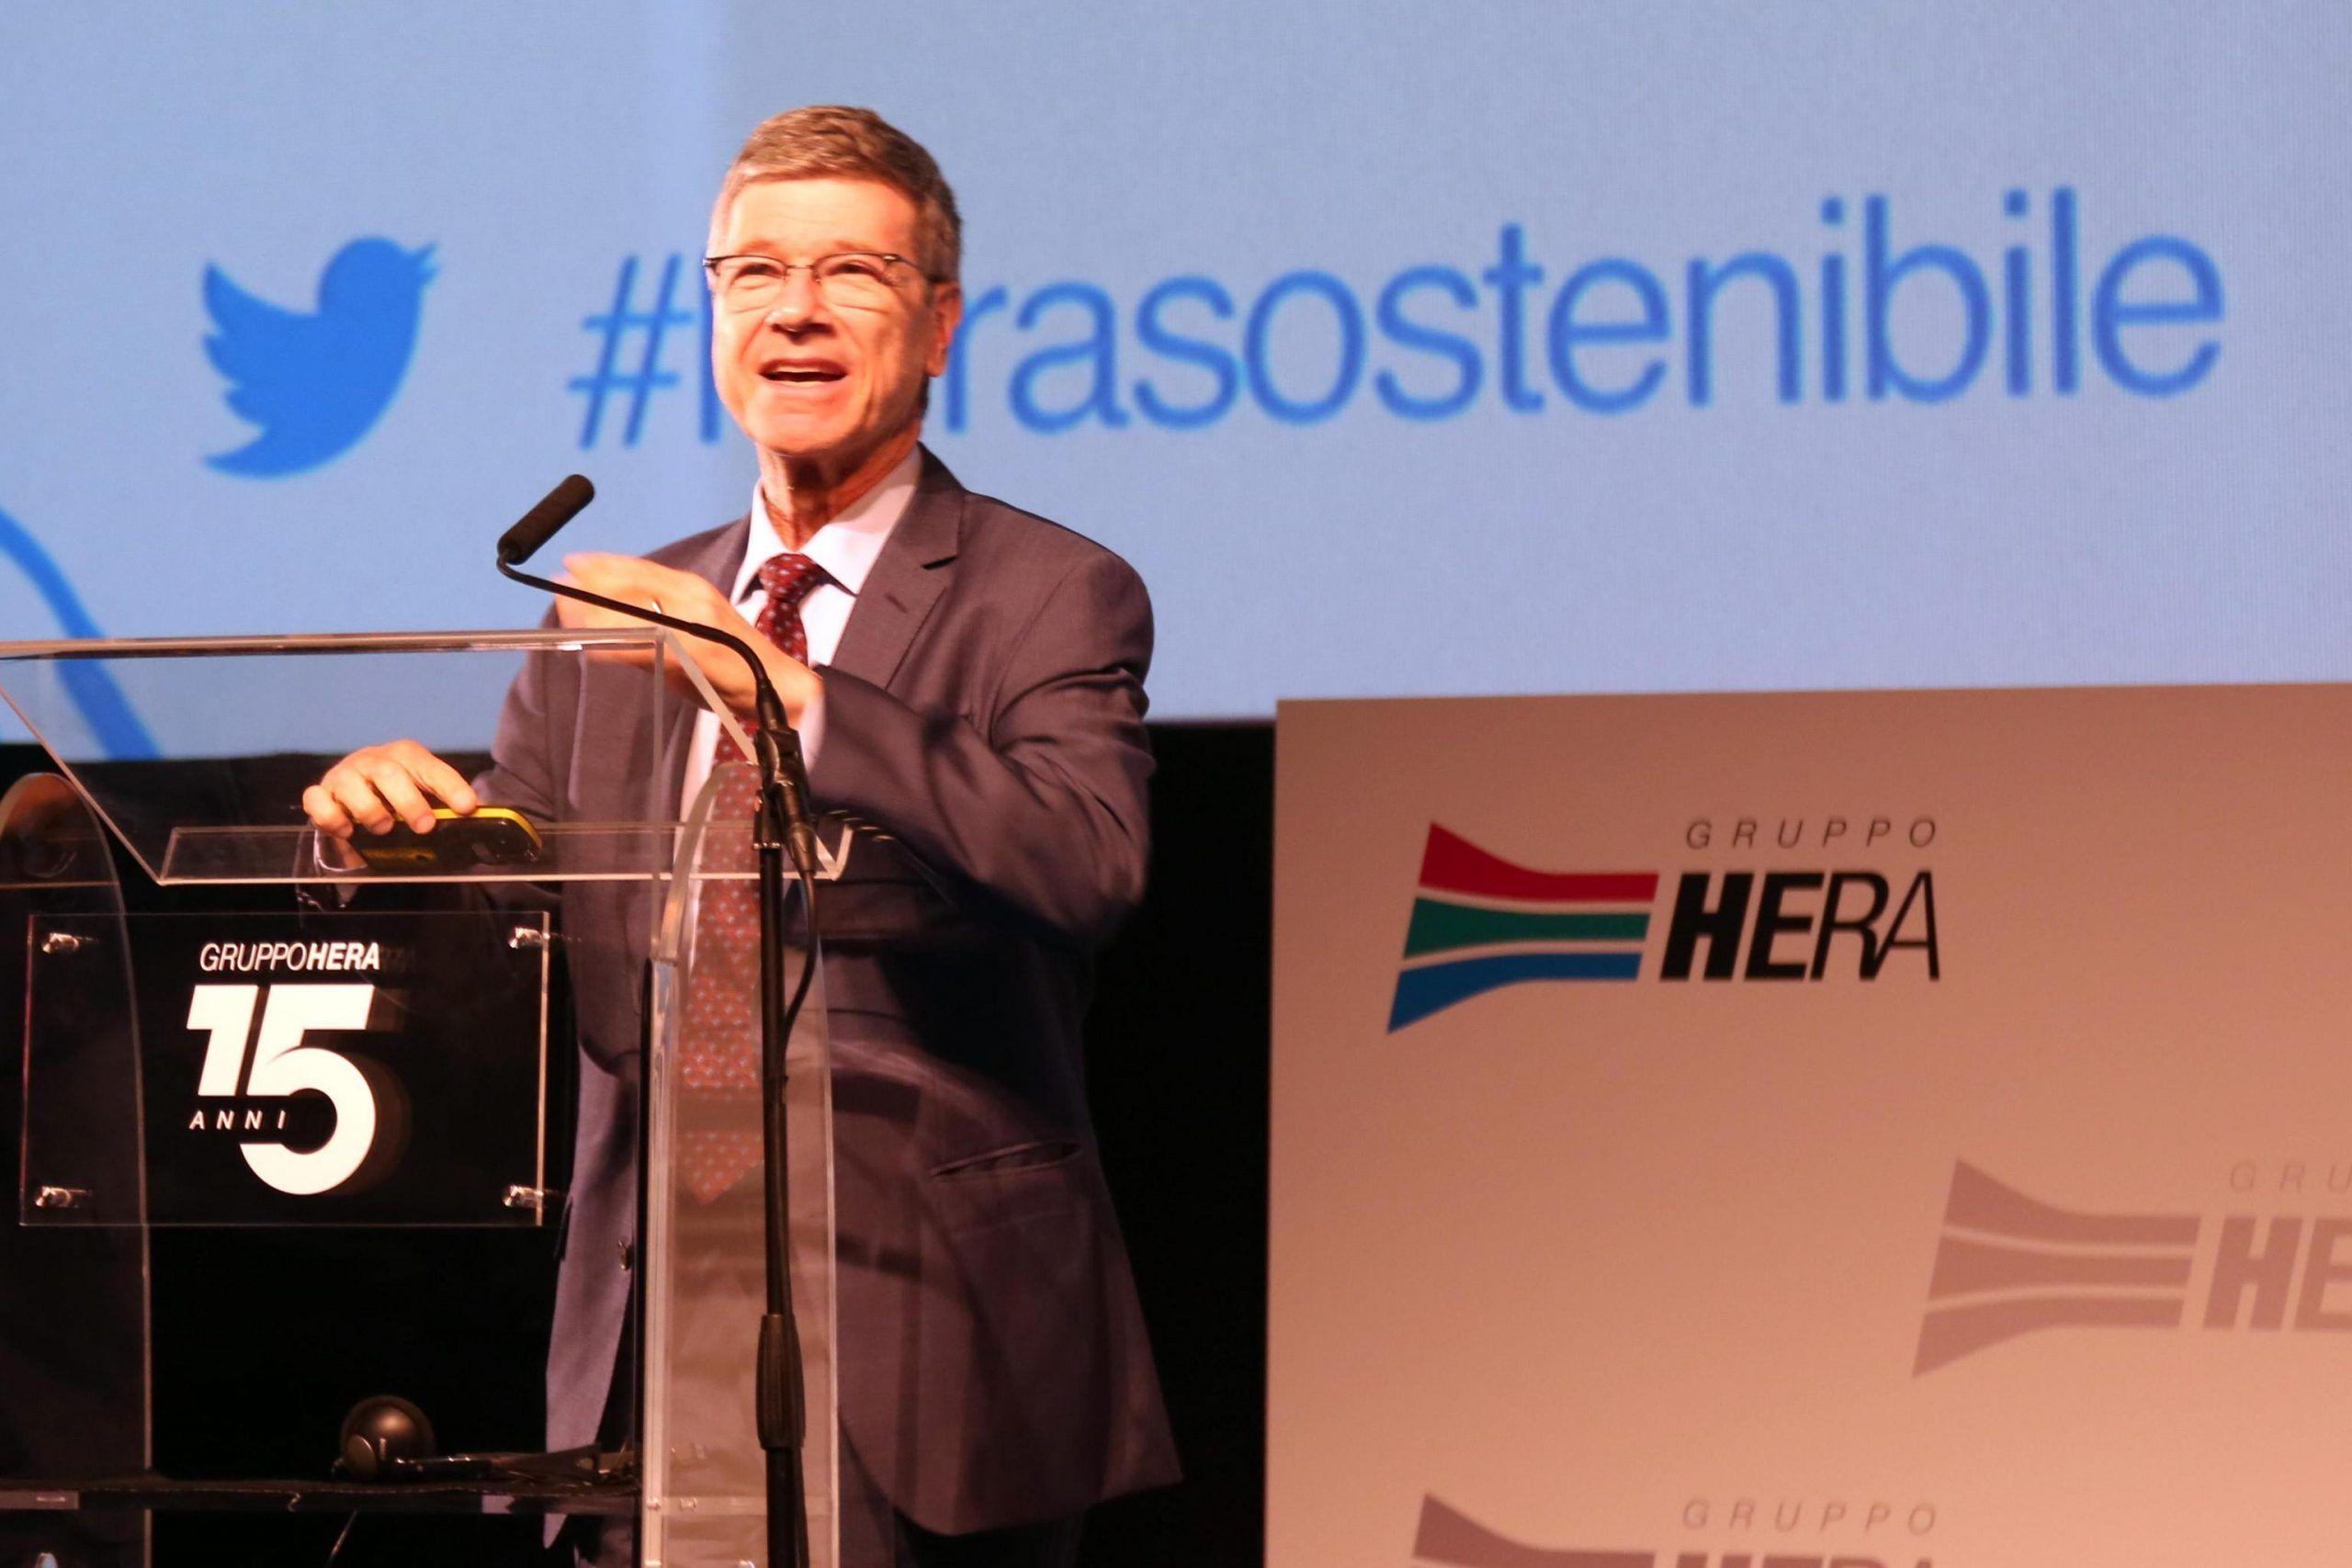 Presentazione del bilancio di sostenibilità Hera a Bologna